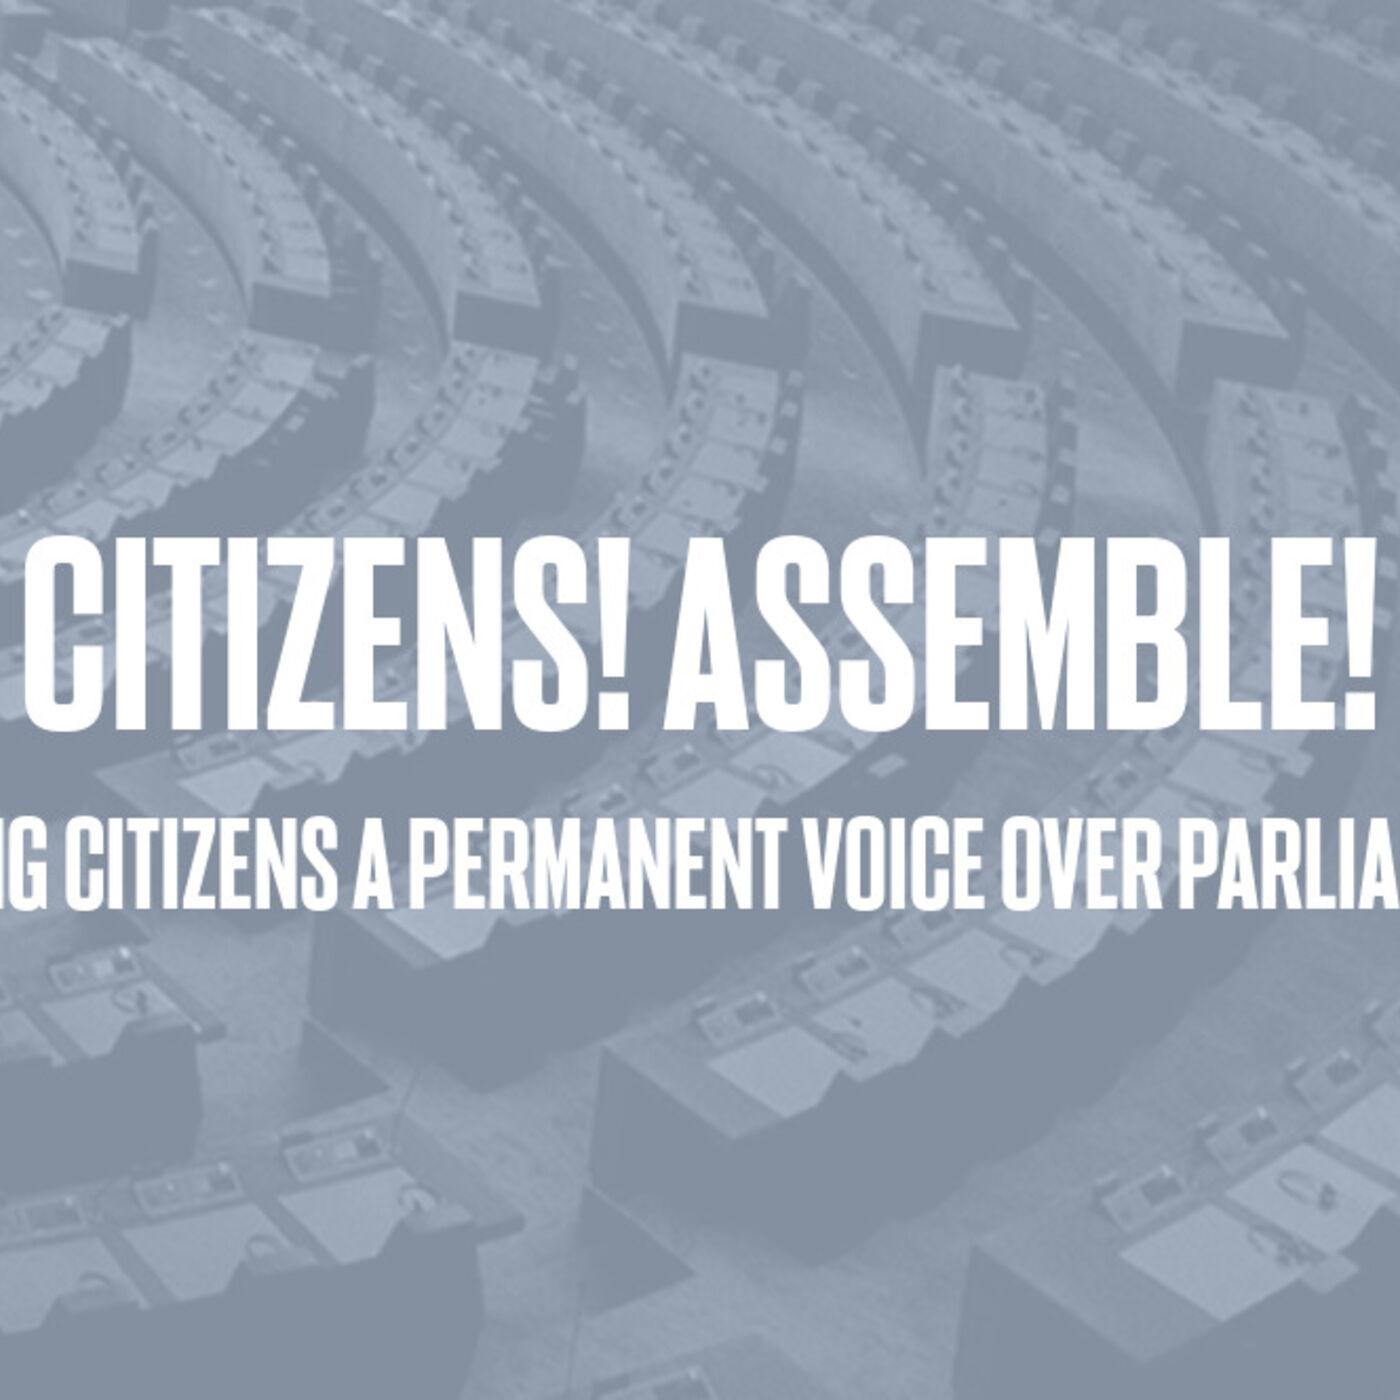 Episode #68 - Citizens! Assemble!